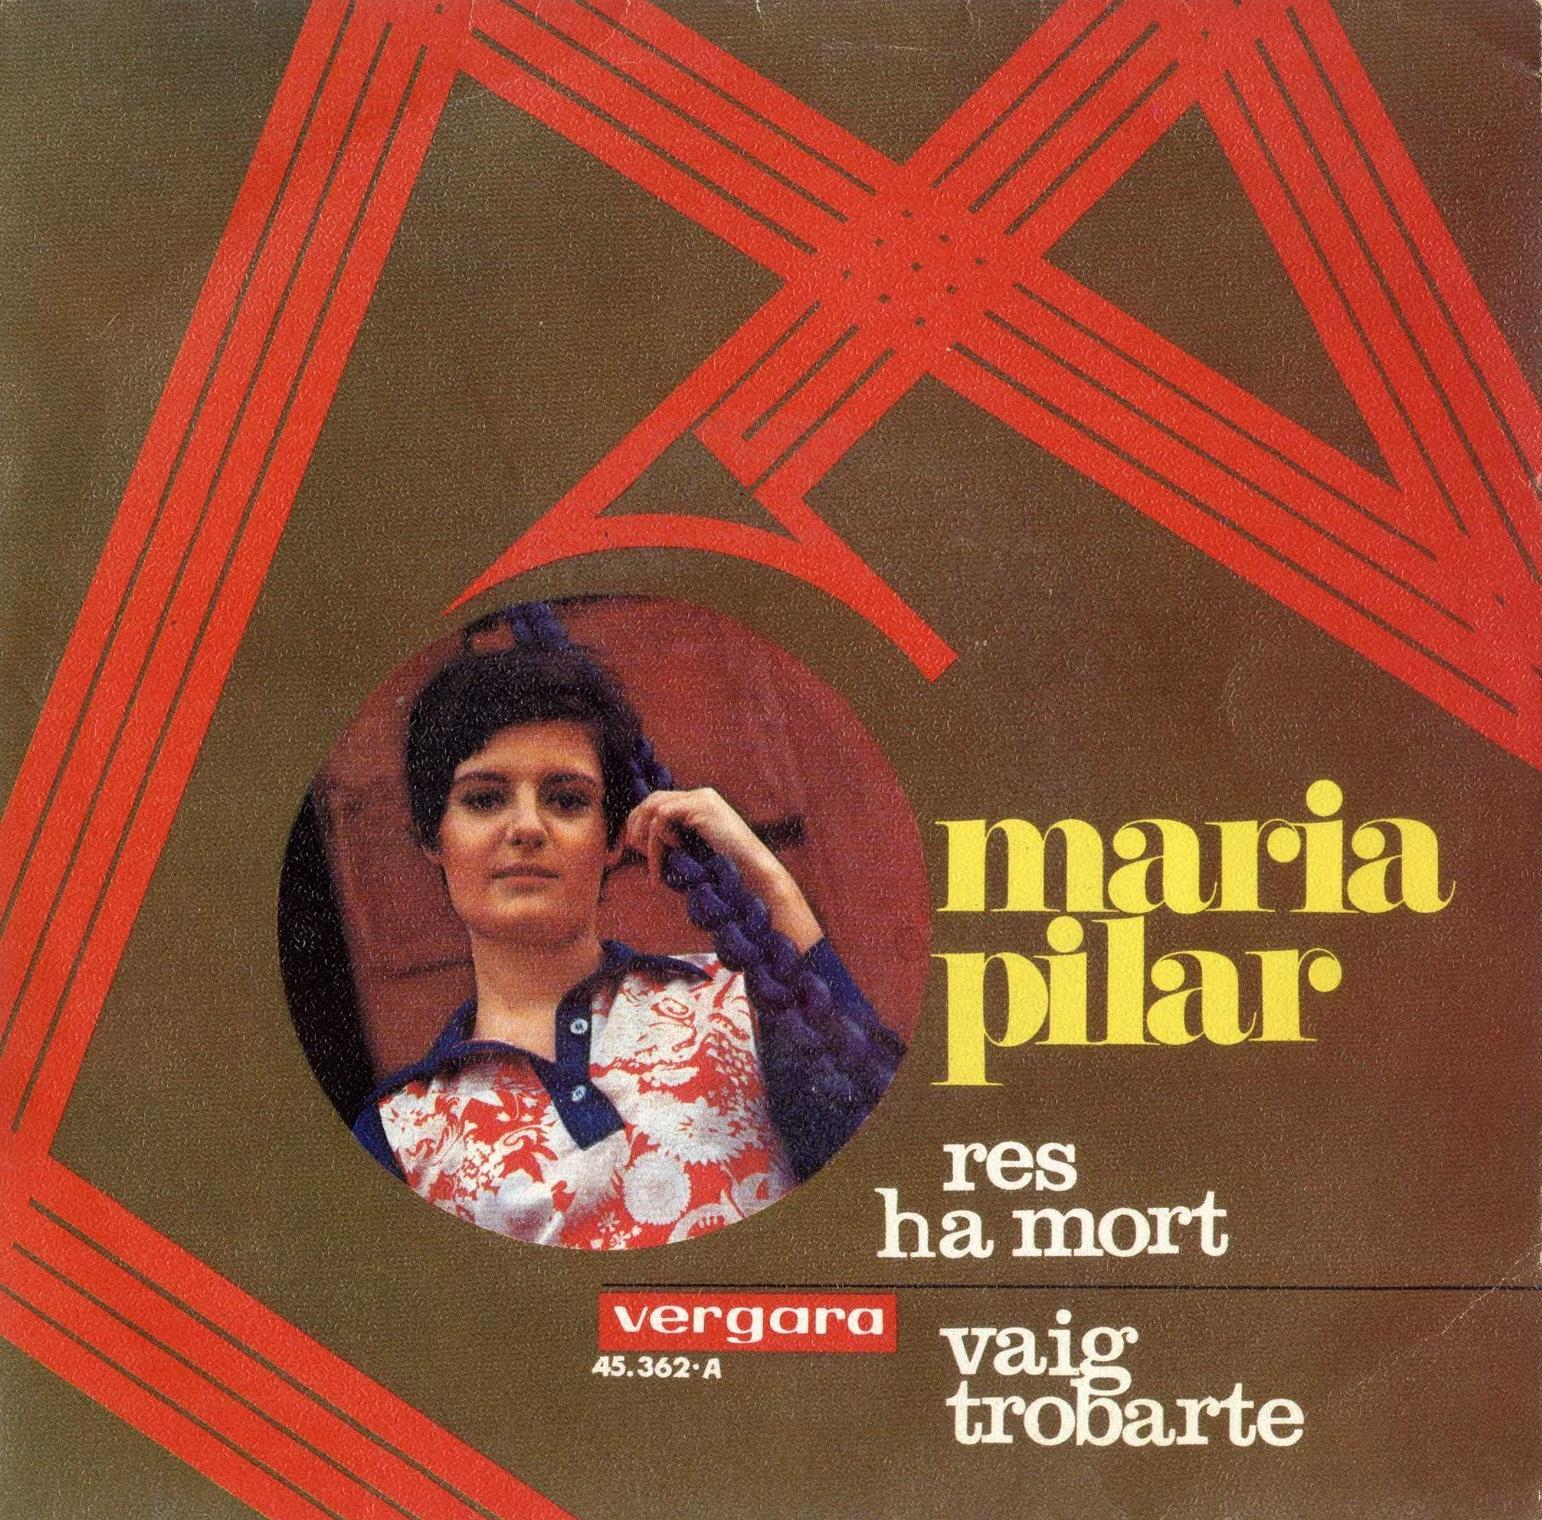 foto del grupo imagen del grupo Maria Pilar